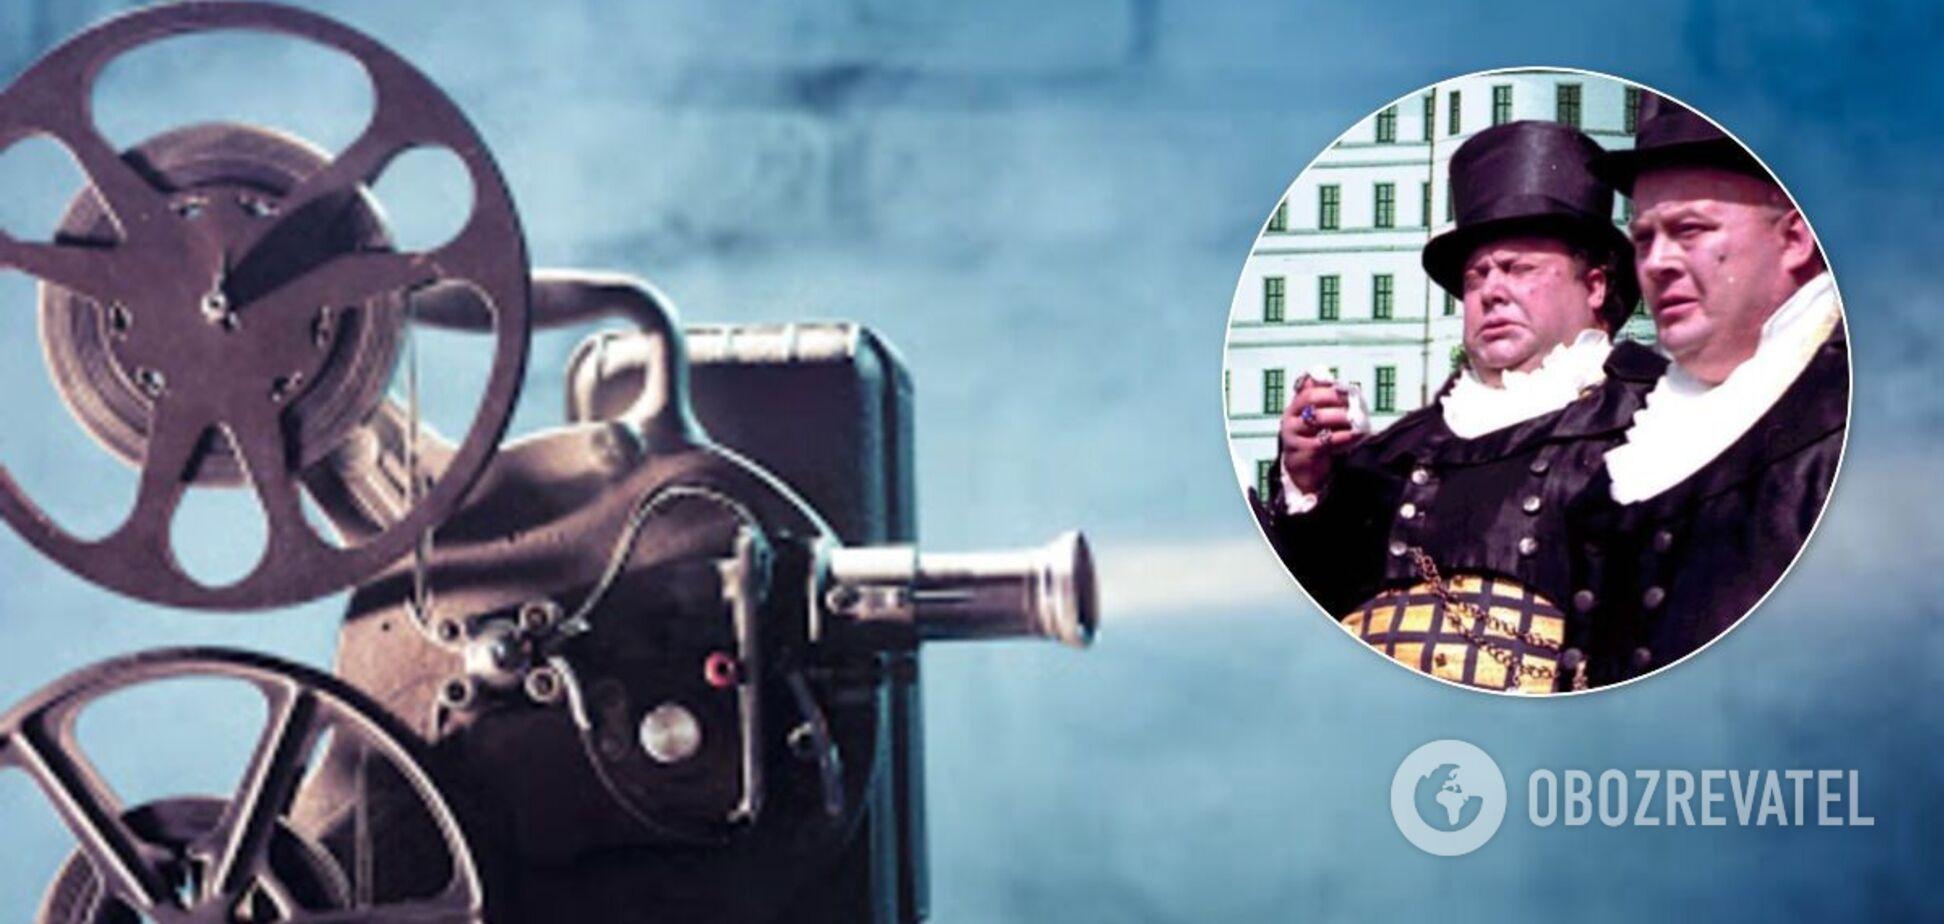 Звезда фильма 'Три толстяка' умер при загадочных обстоятельствах